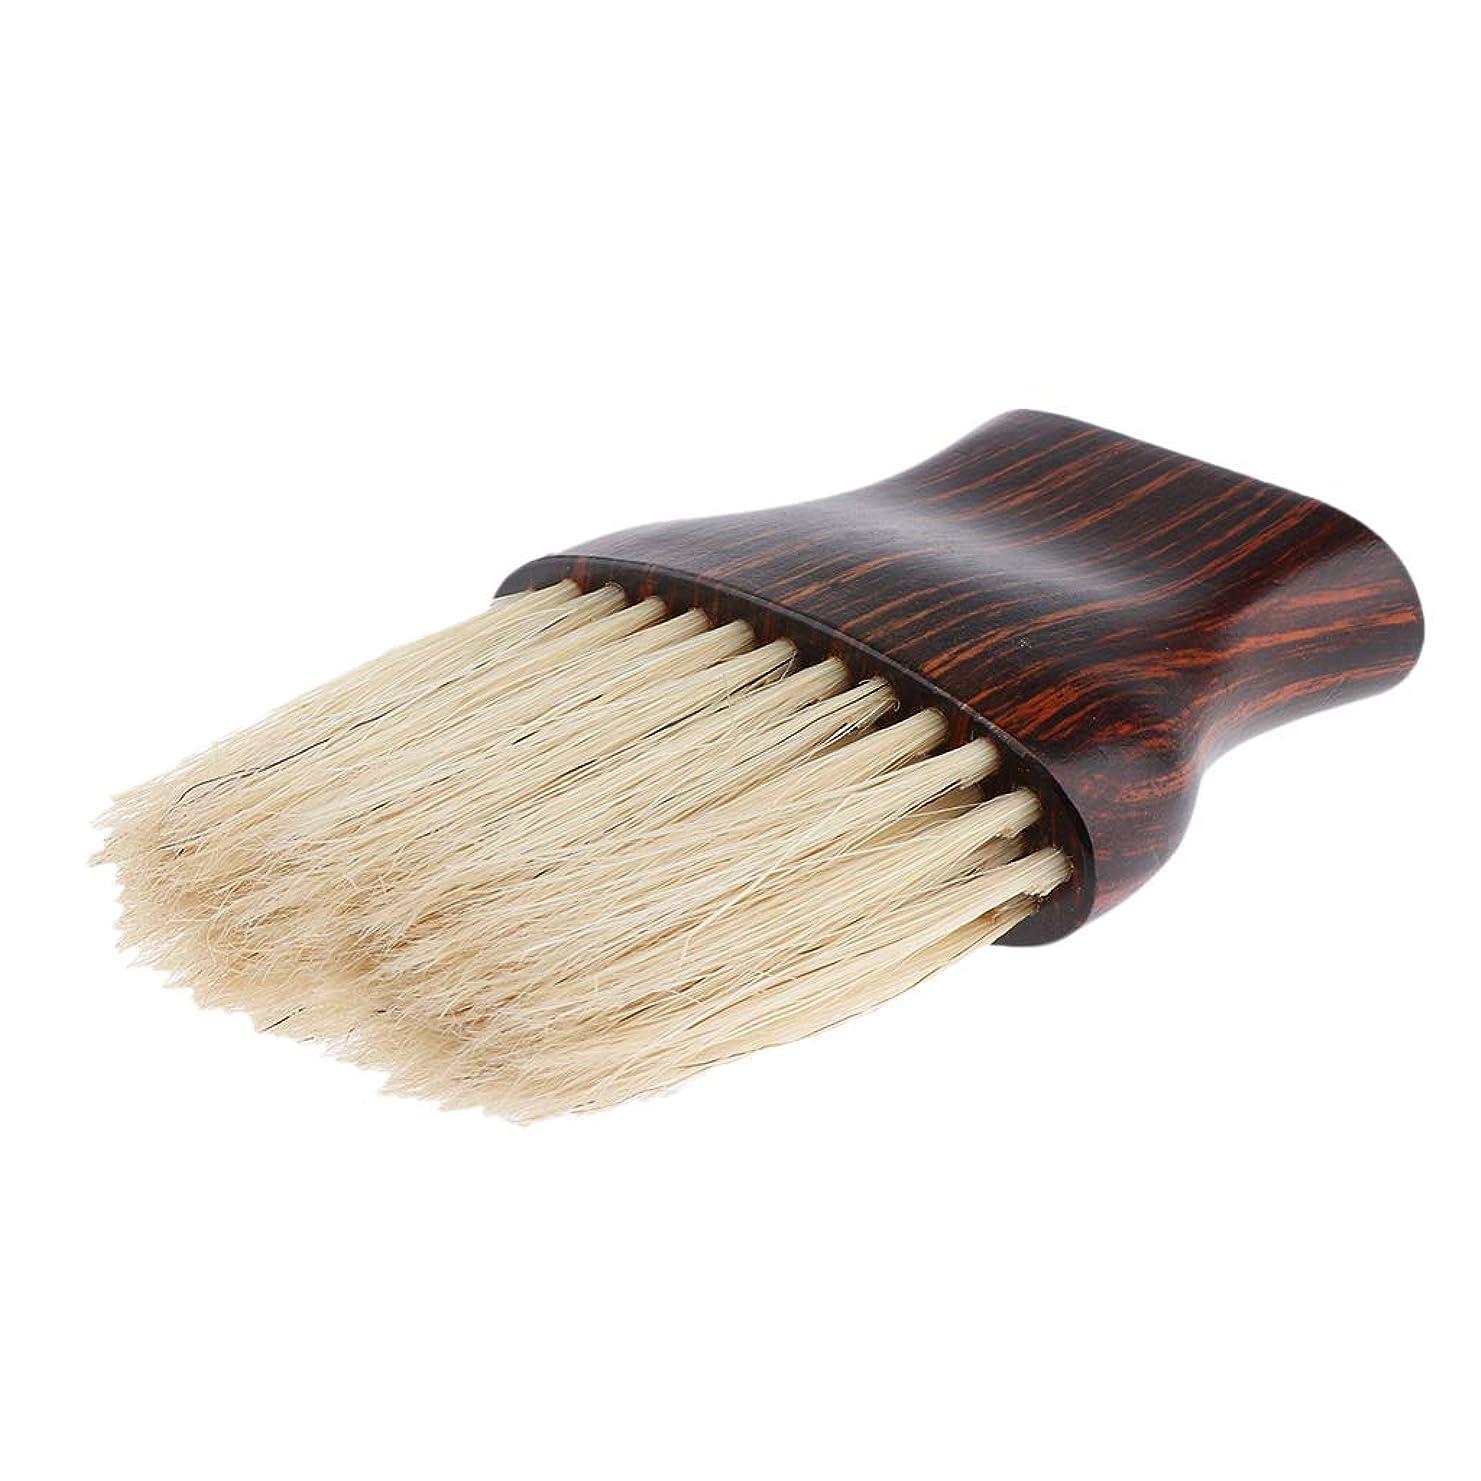 マリナー見せますゲージF Fityle ネックダスターブラシ ヘアカットブラシ クリーニング ヘアブラシ 理髪美容ツール